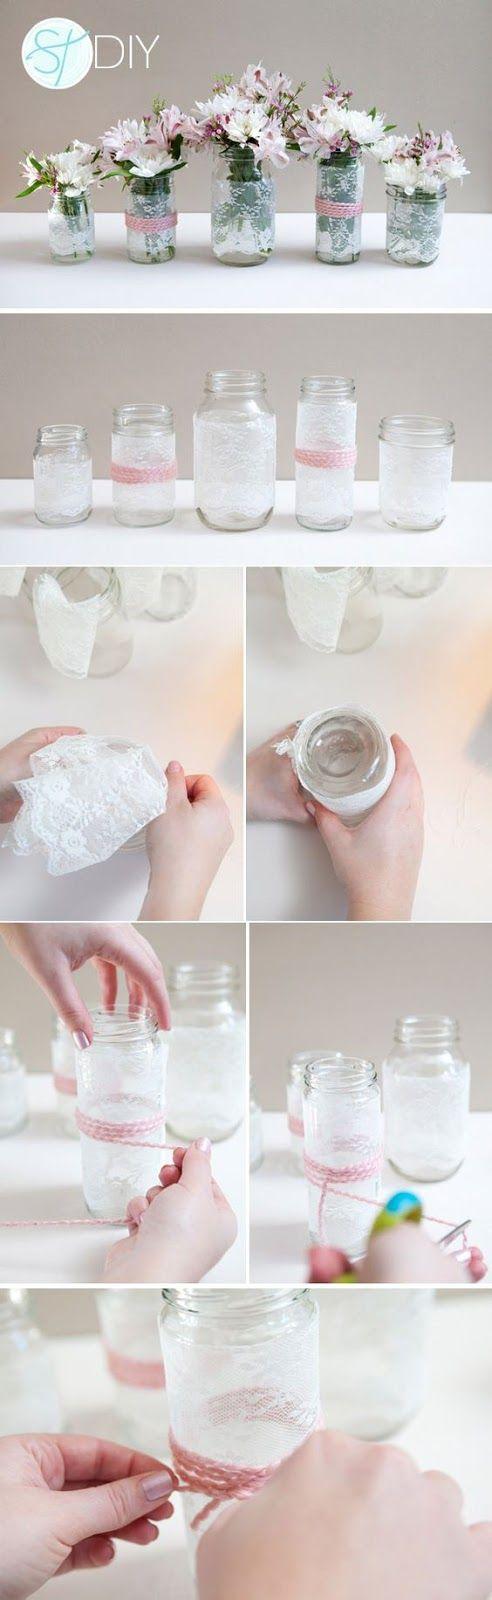 Utilizáveis tanto na sua festa de casamento quanto na decoração do seu cantinho, esses projetos de centro de mesa são super fáceis de fazer...